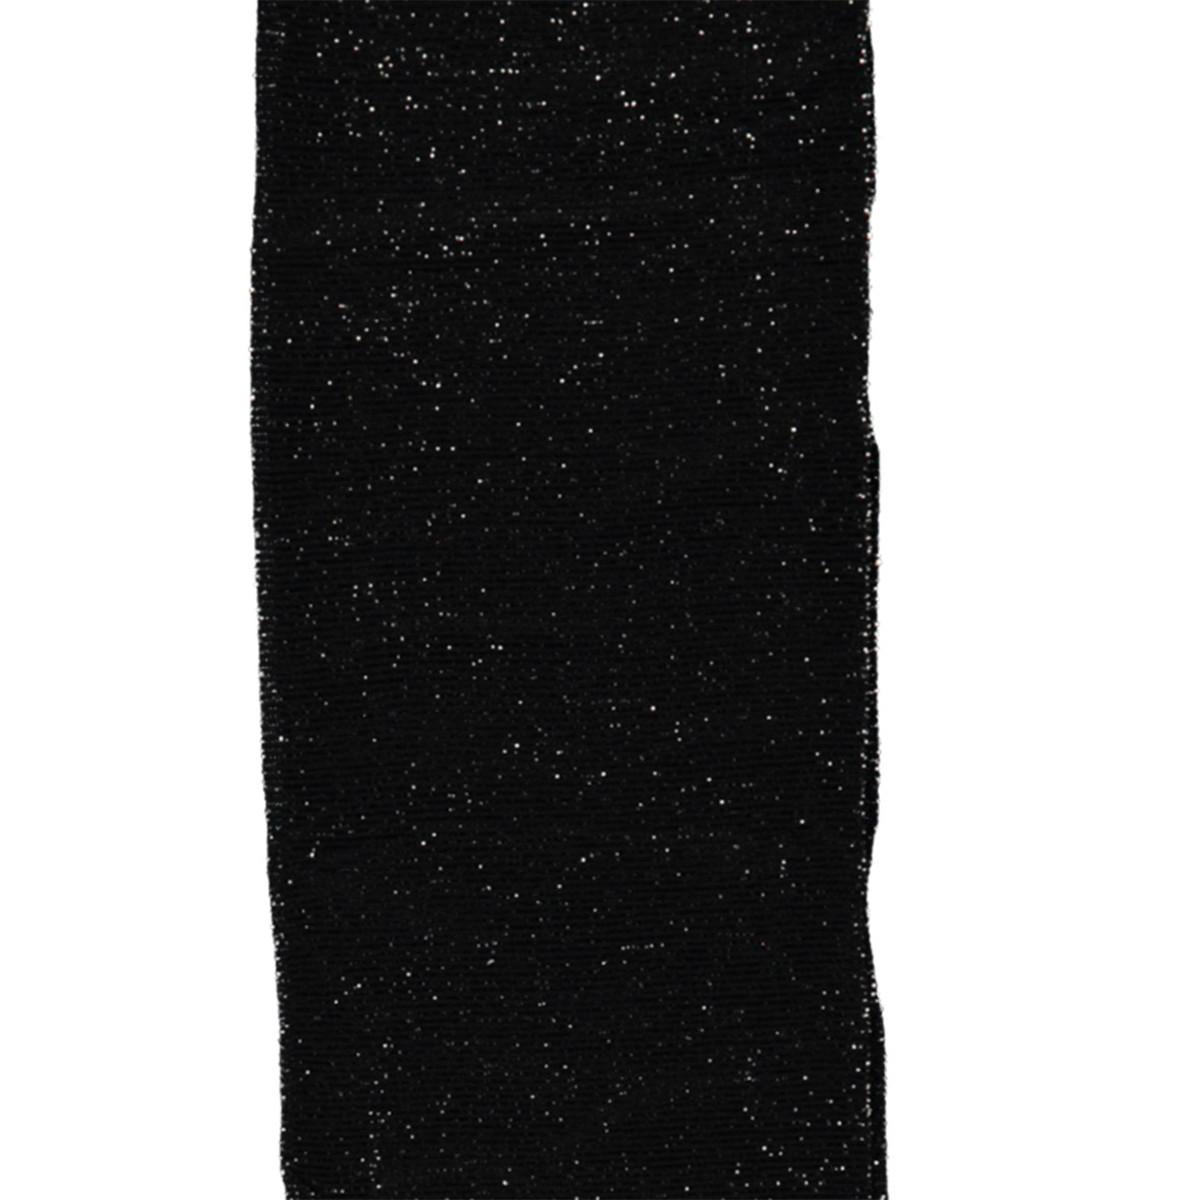 Bild 2 von Mädchen Strumpfhose